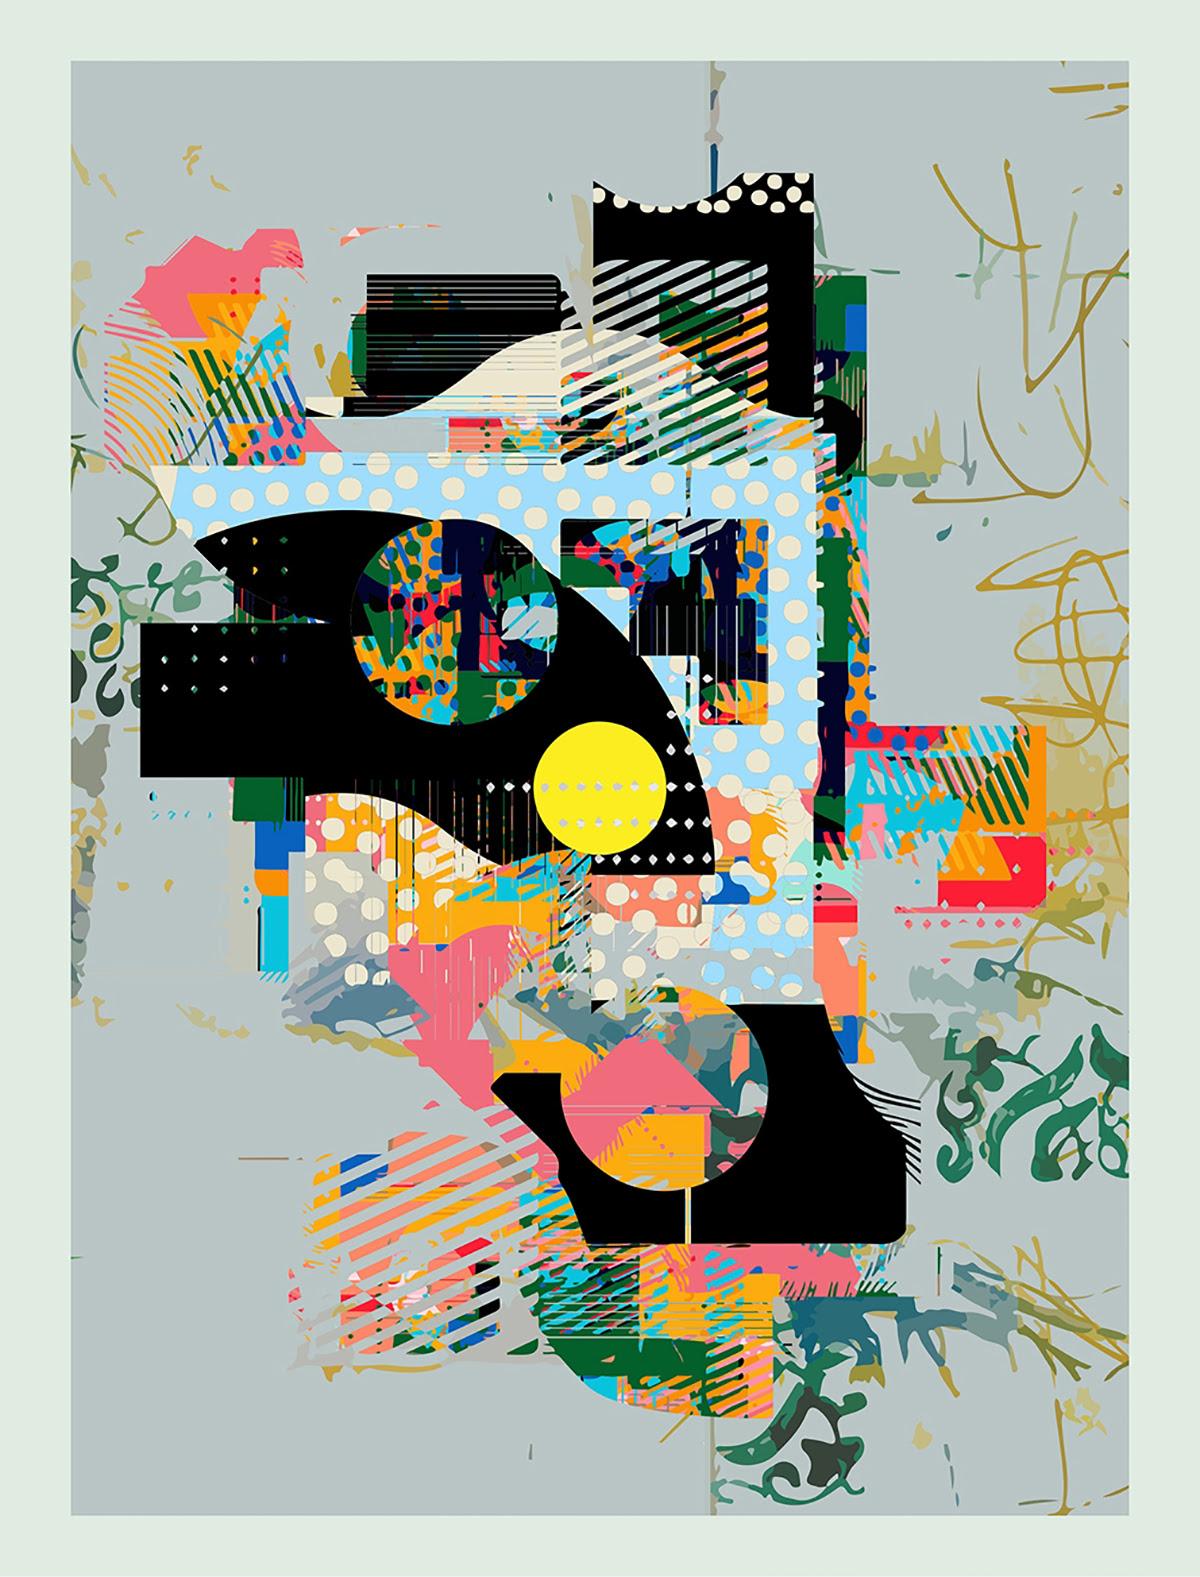 formas abstratas e padrões